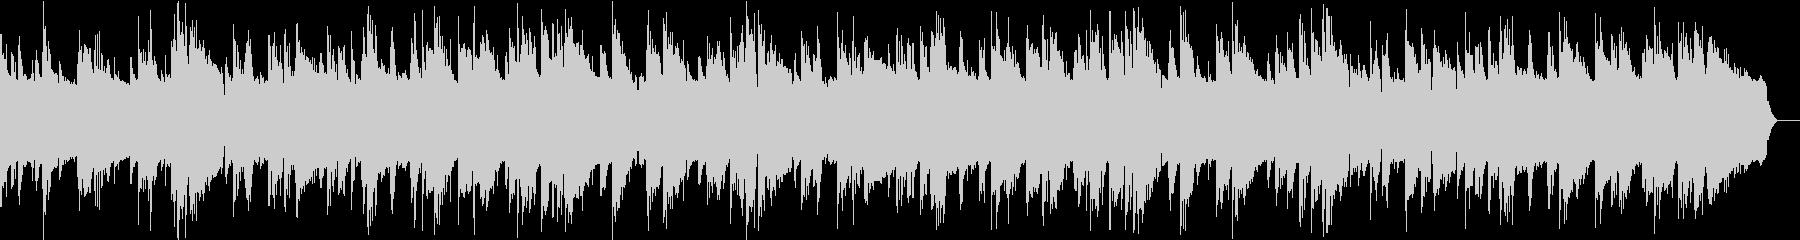 ジャズブルースのBGMの未再生の波形